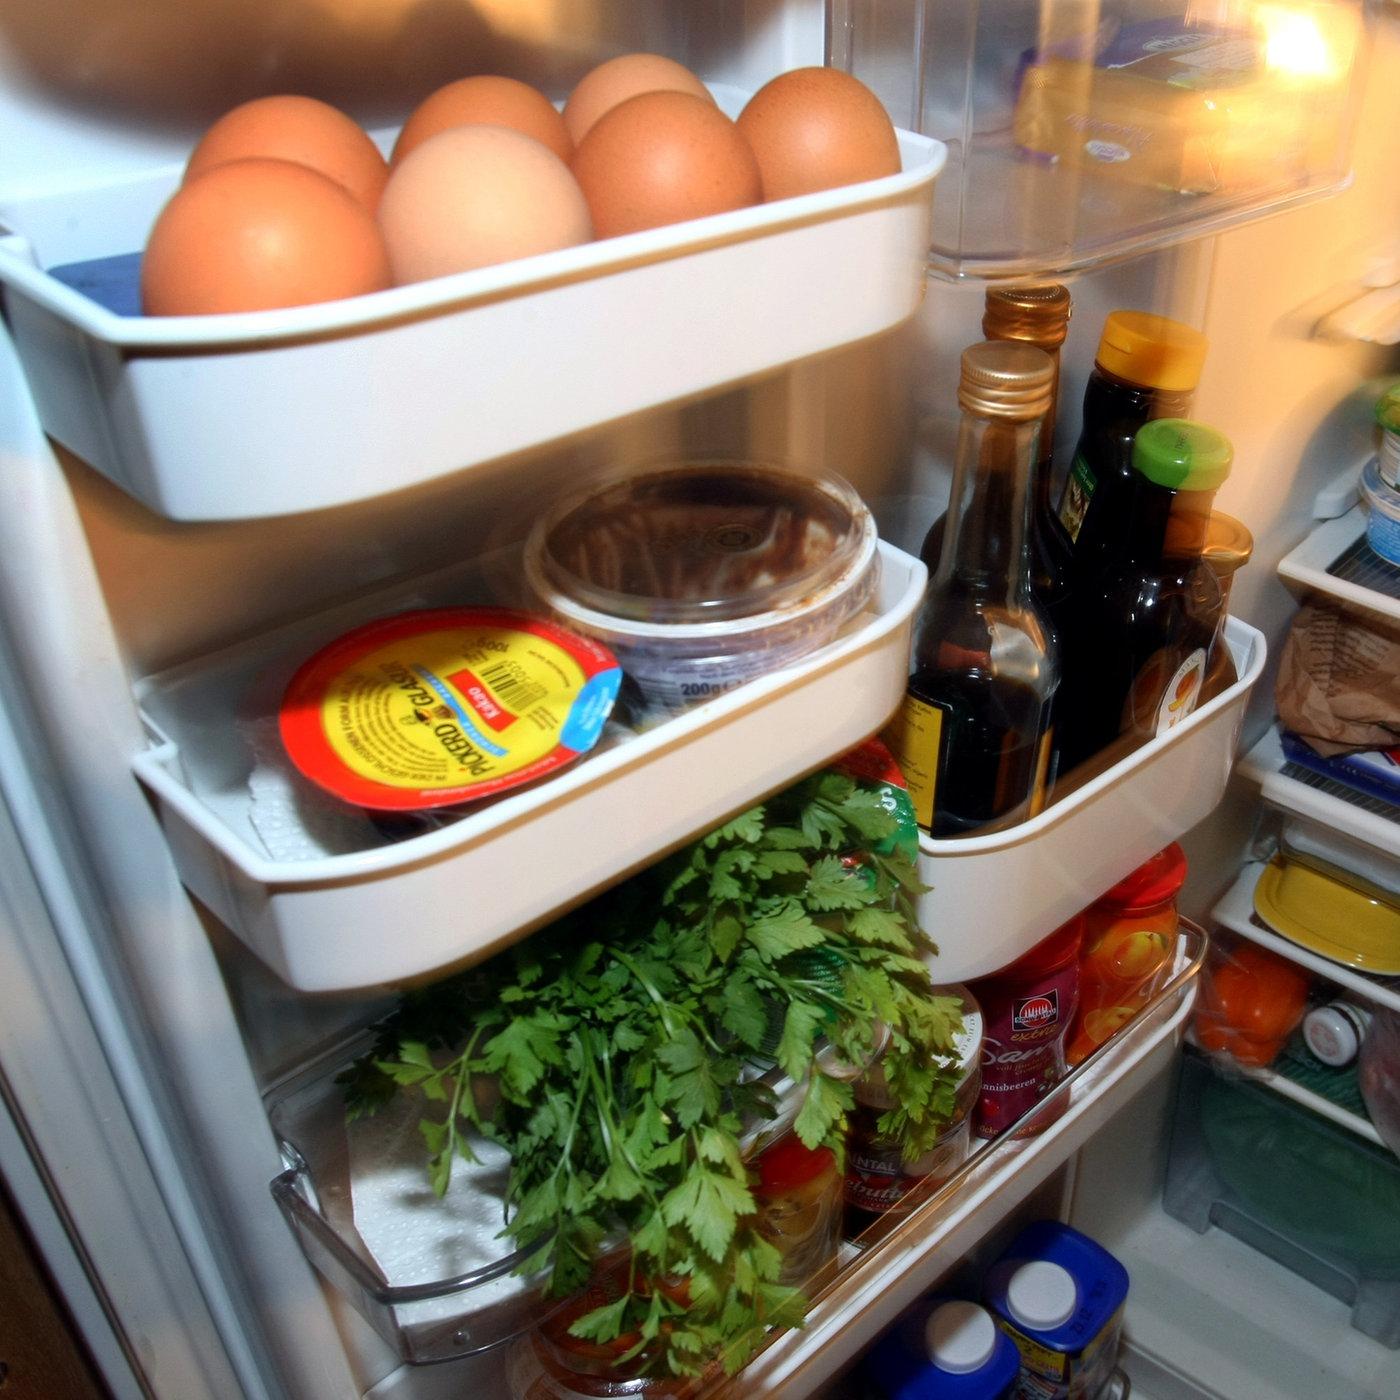 äpfel im kühlschrank lagern